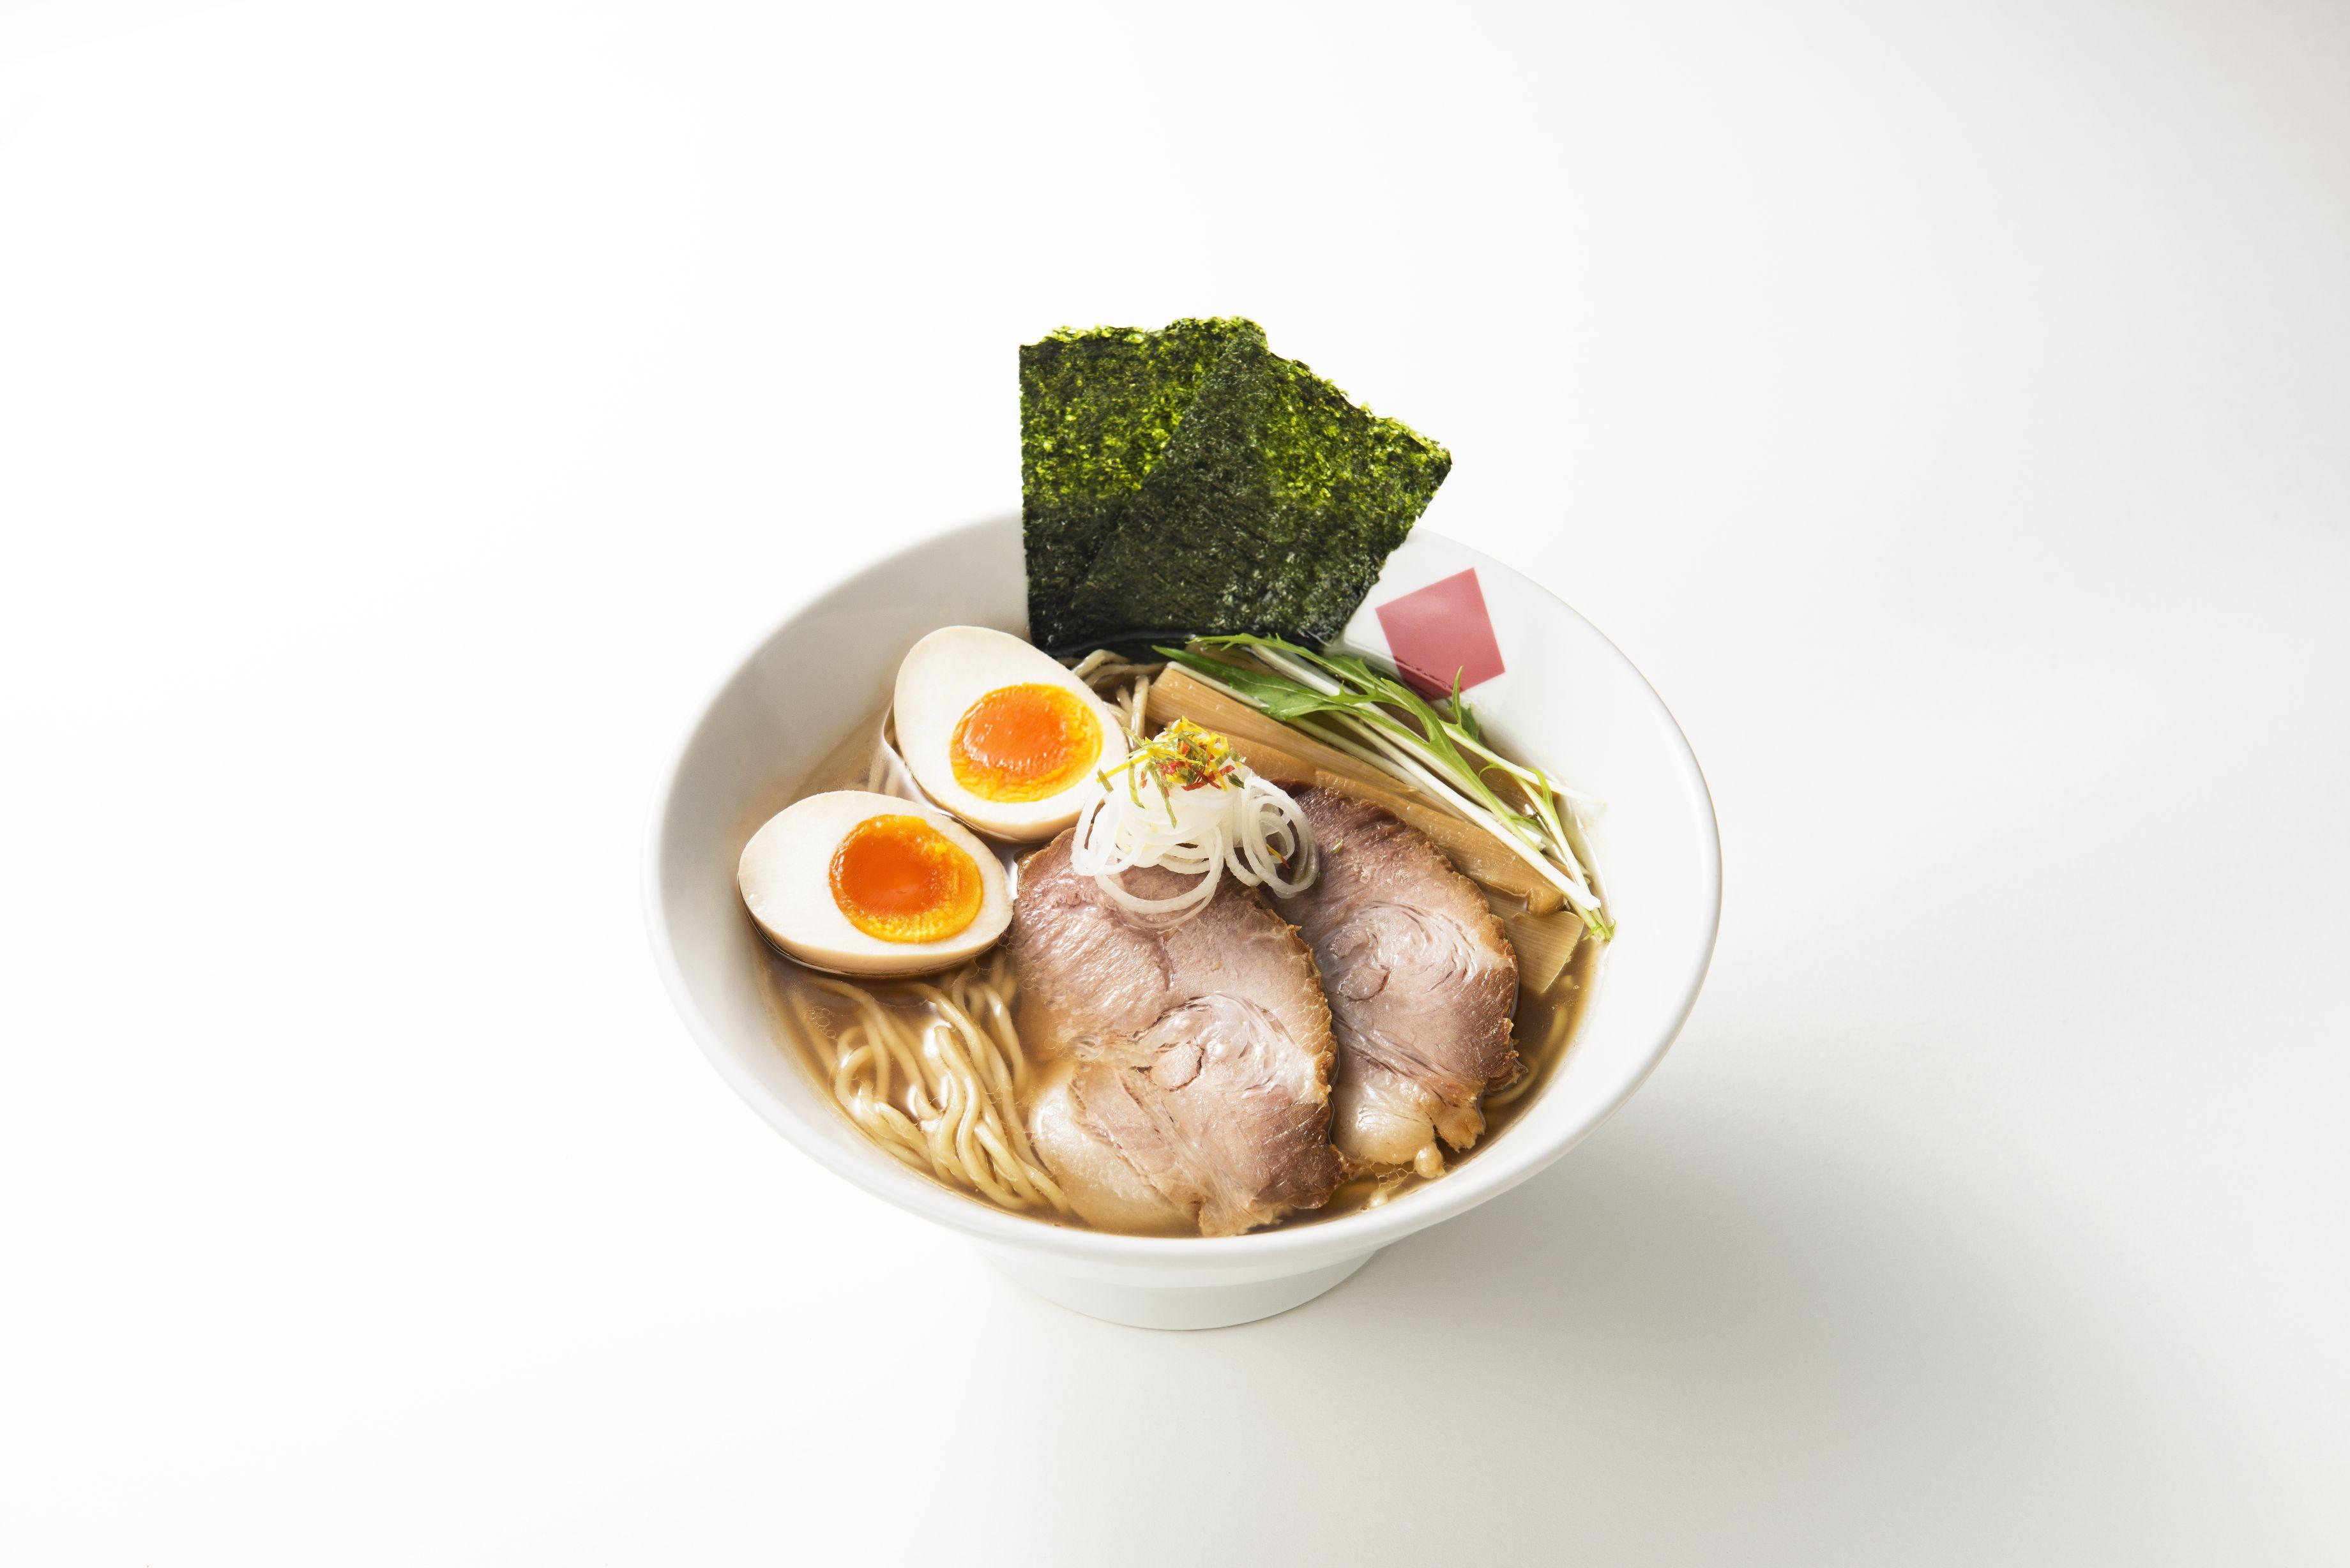 『東京ラーメンストリート』に新たな味が追加 ミシュランガイドに載る『ソラノイロ』と名店のセカンドブランド『ちよがみ』出店